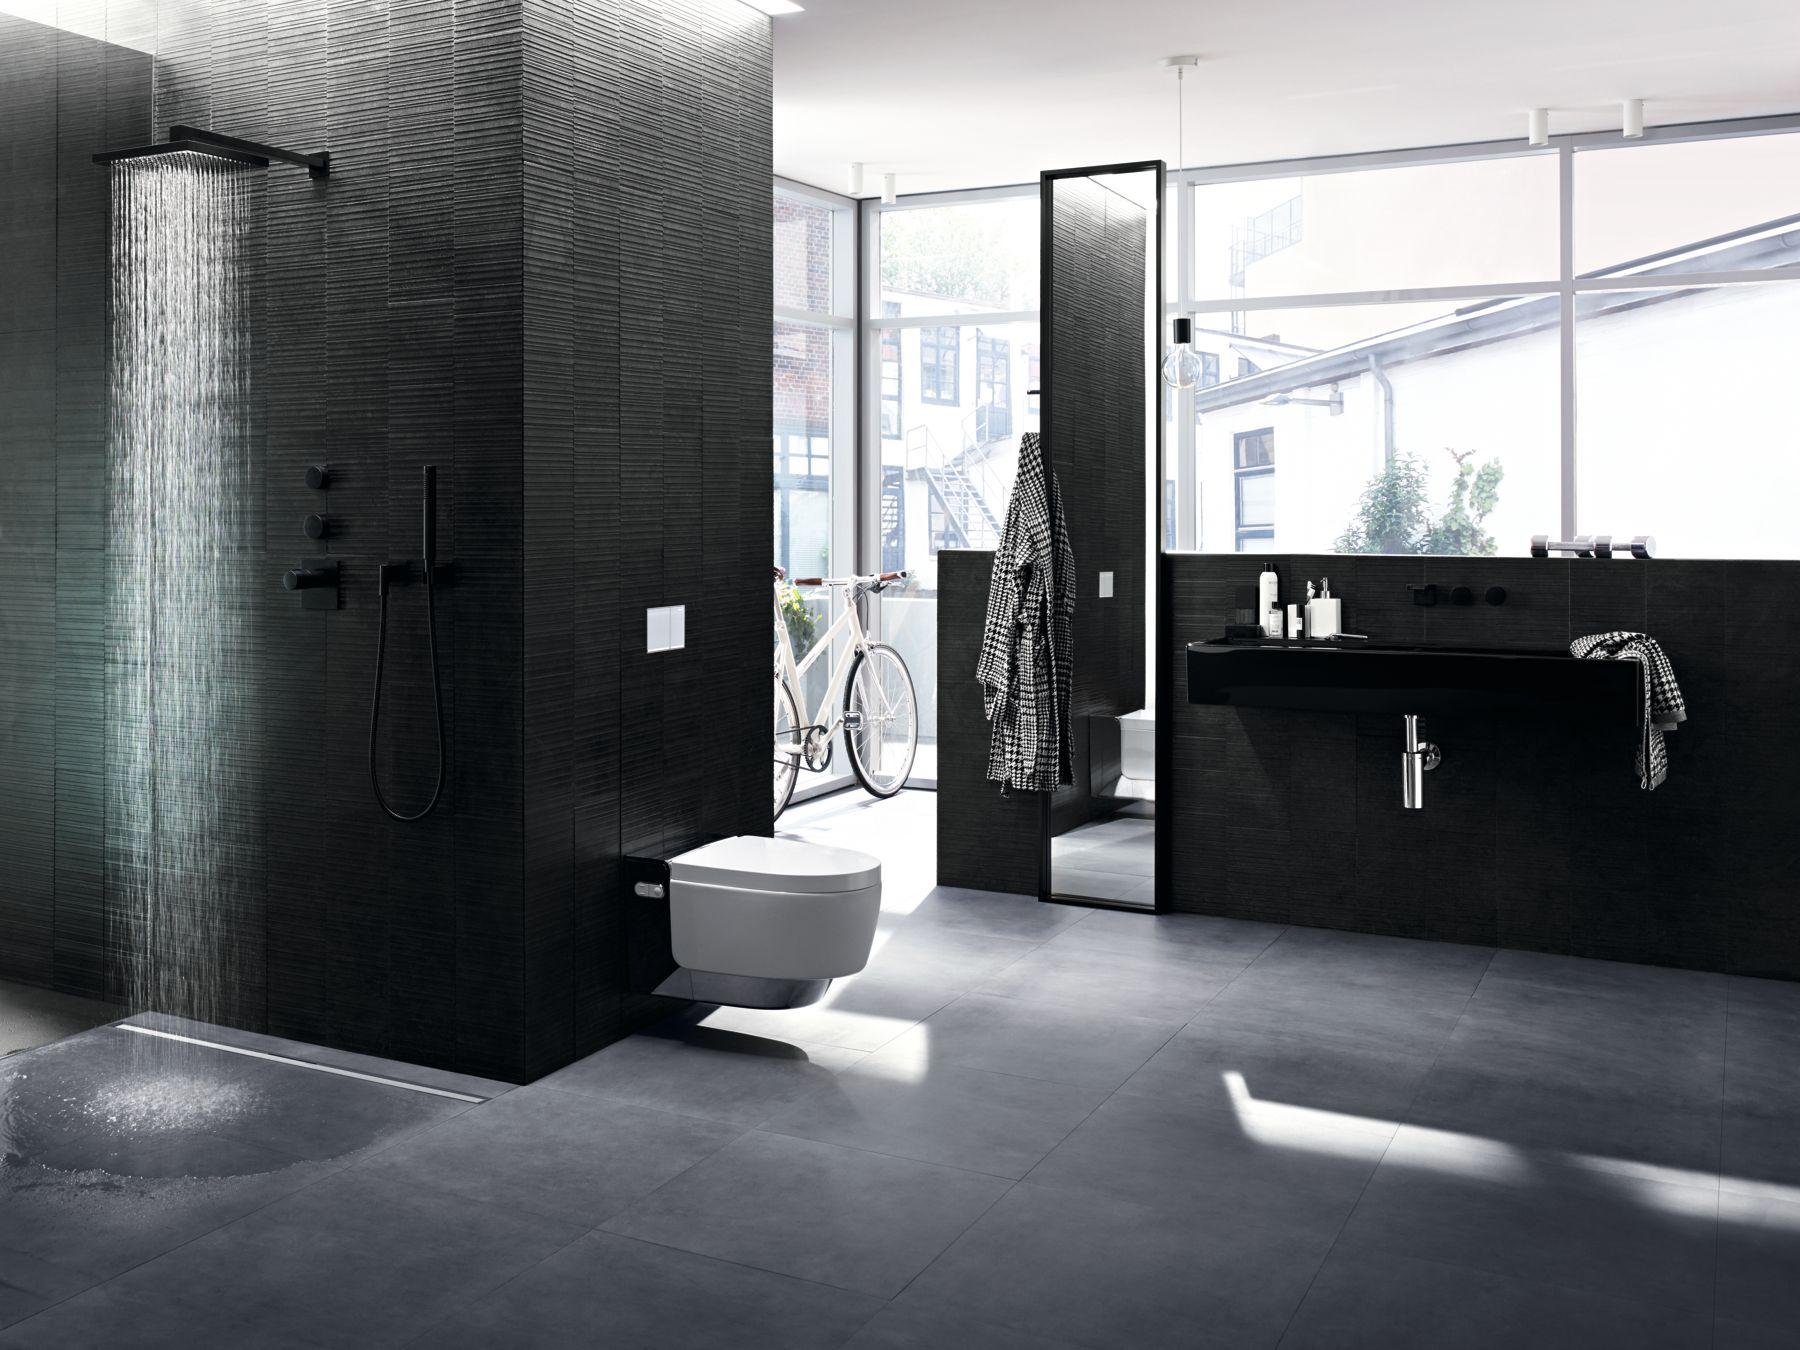 Geberit Aquaclean Mera douchewc toilet met intelligente functies, welkomprogramma en orientatie licht